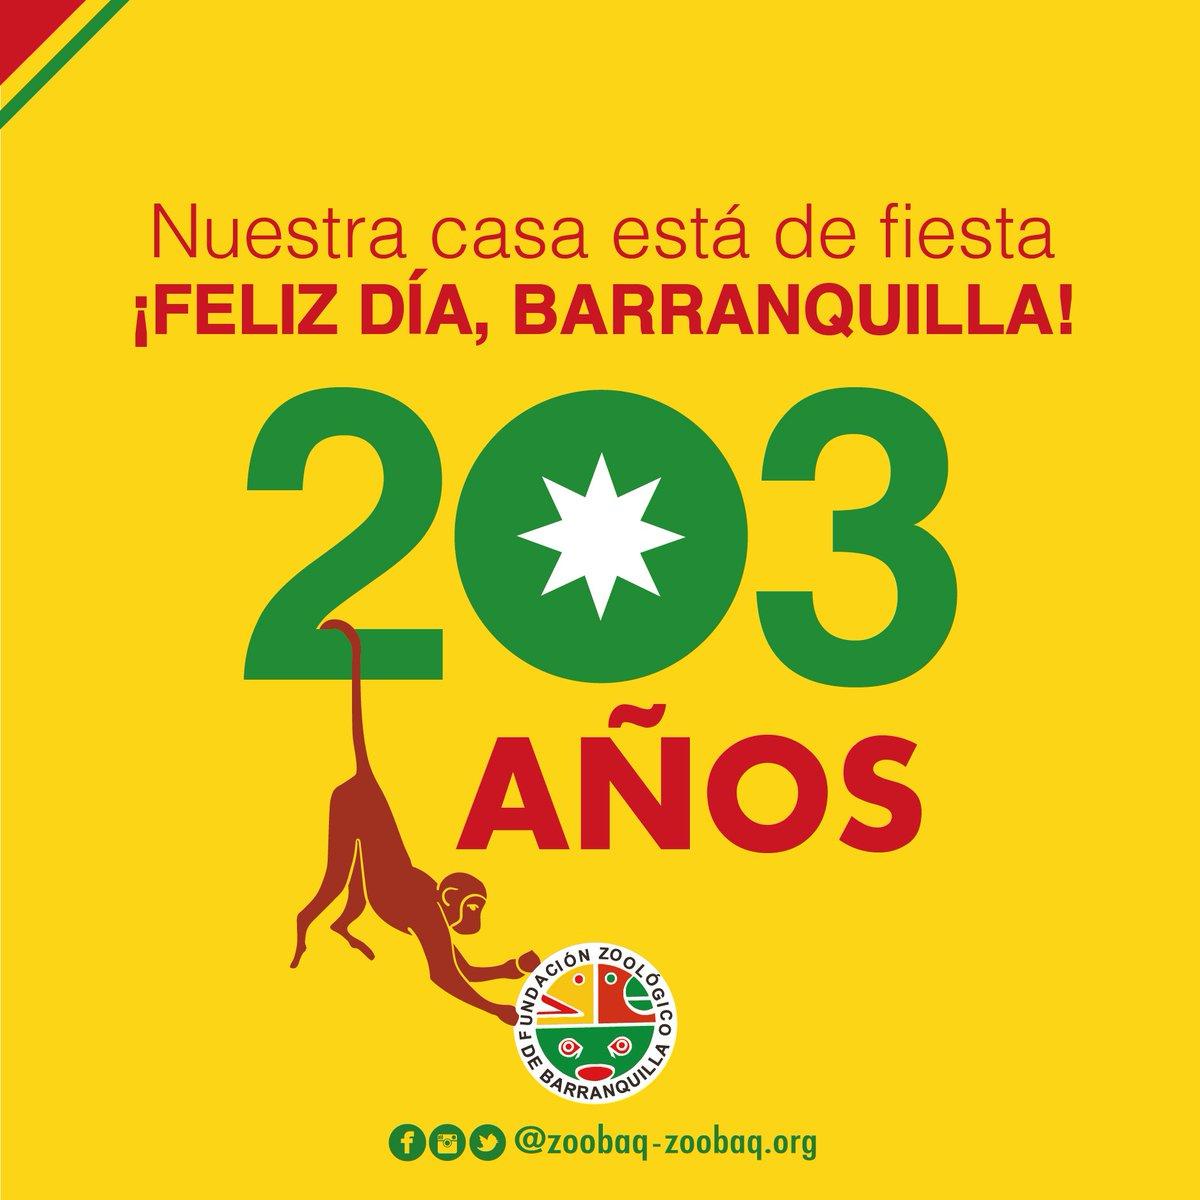 Barranquilla, ¡gracias por hacernos parte de tu historia!  ¿Y tú cómo celebras esta fecha? https://t.co/YvIs70dEkb